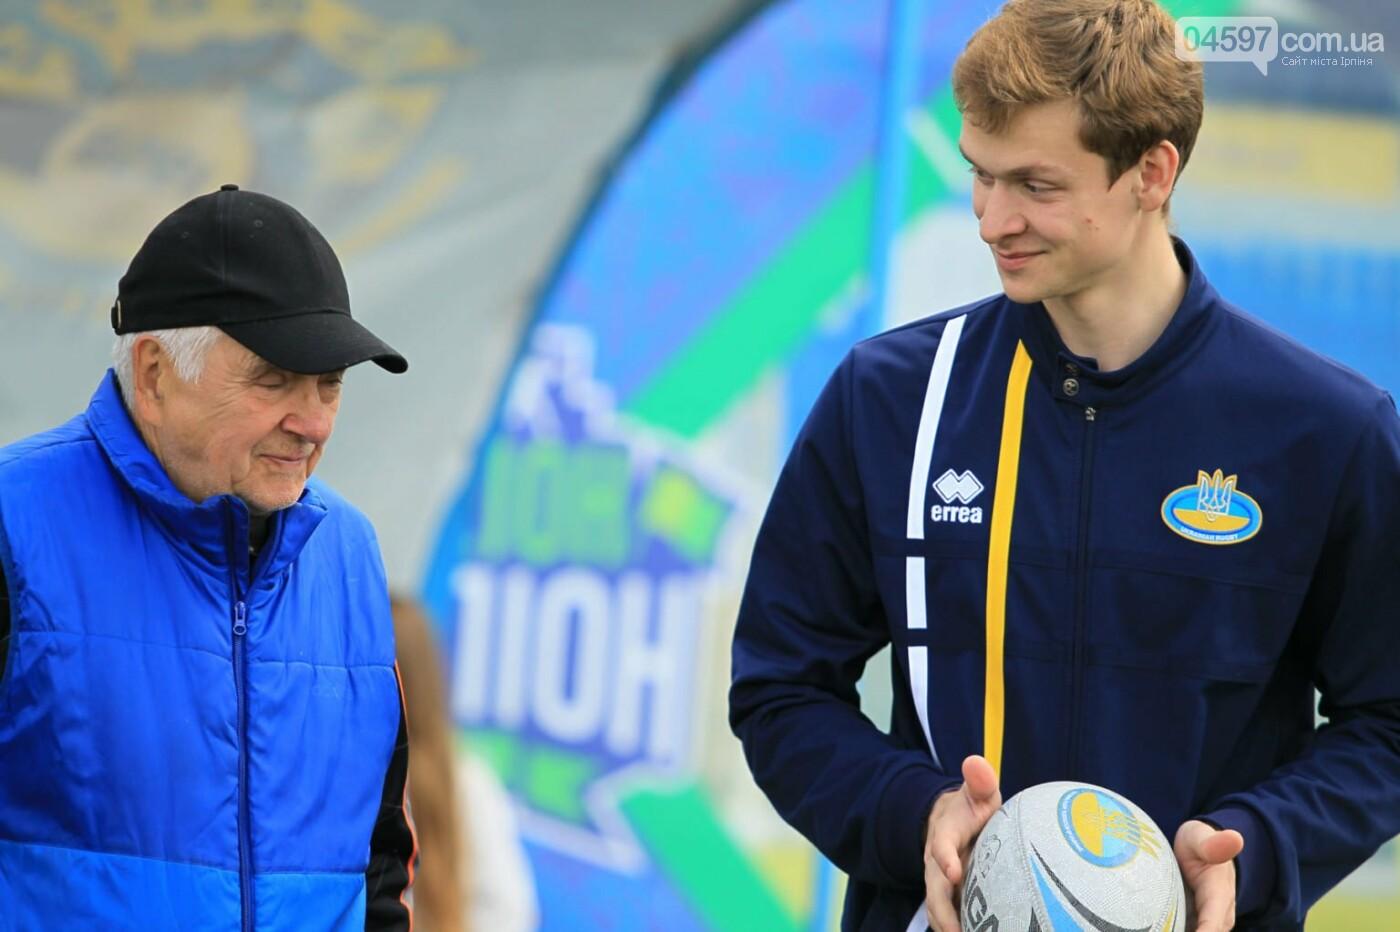 Ірпінчани здобули перемогу в першому турі чемпіонату України з регбі-7 серед юніорів , фото-5